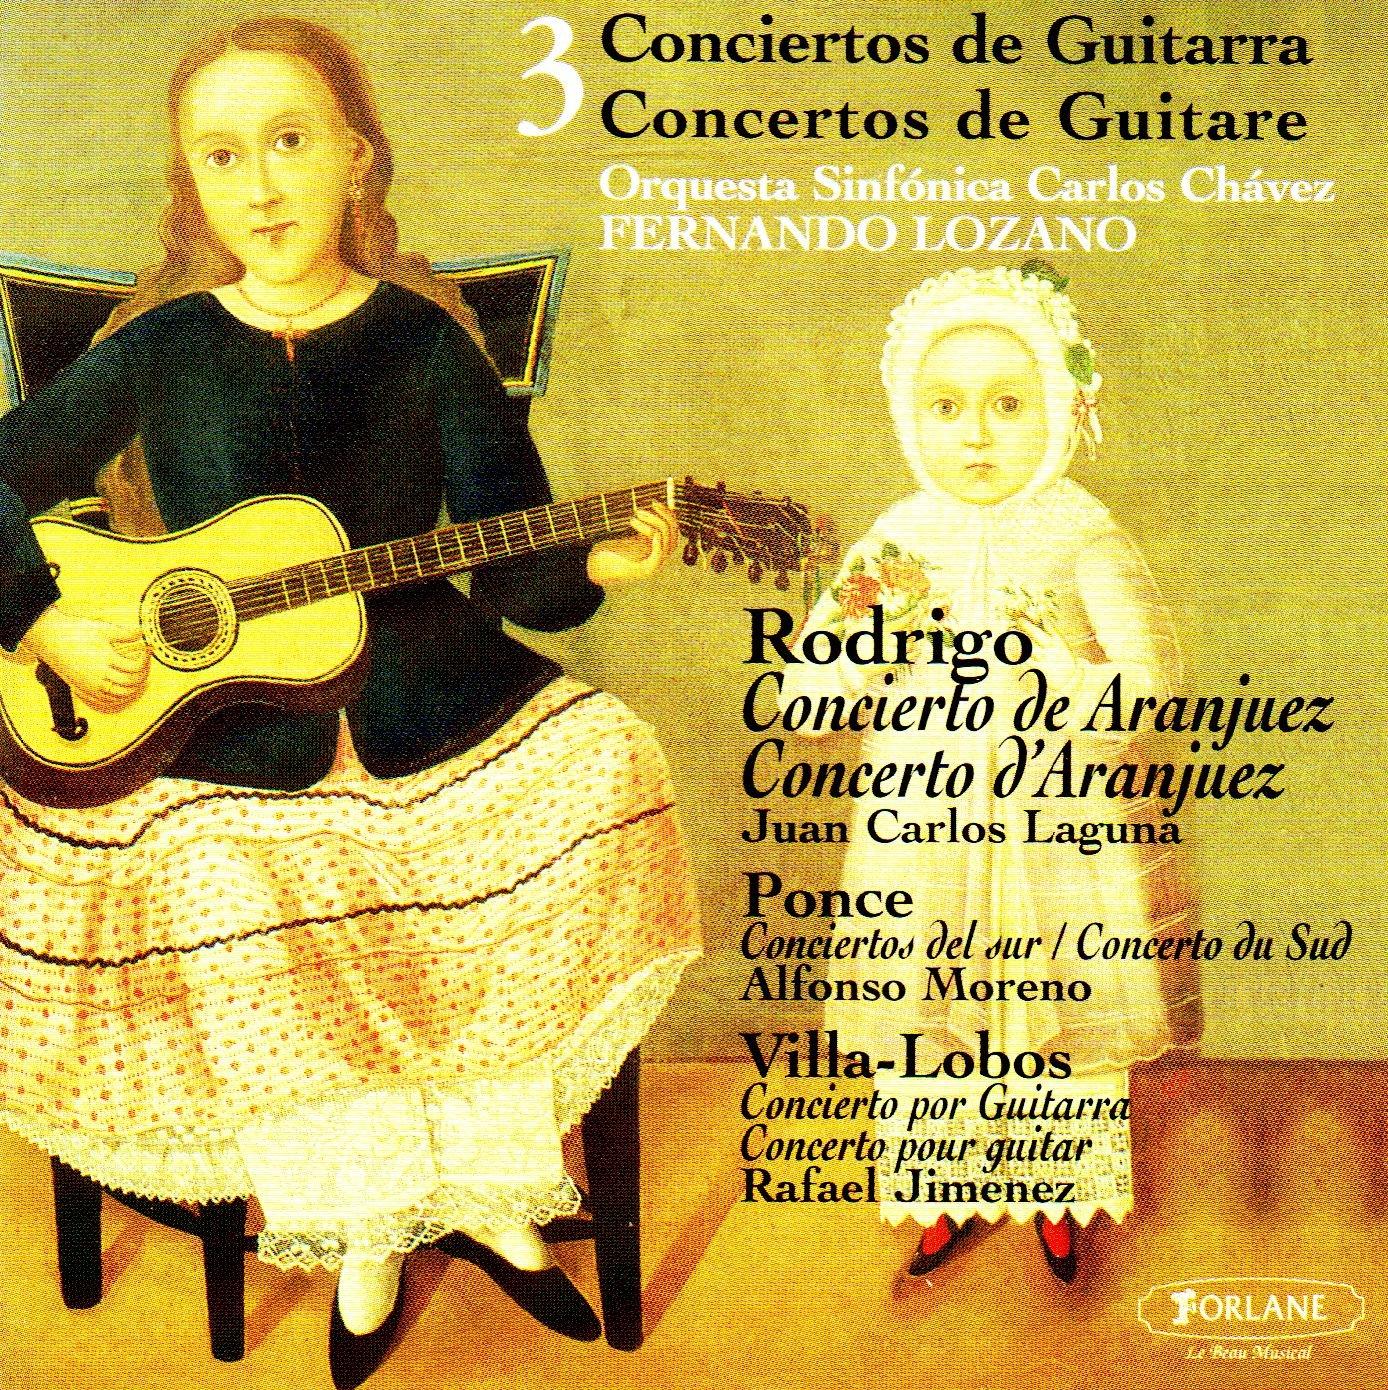 Tres Conciertos De Guitarra: Moreno, Jimenez: Amazon.es: Música